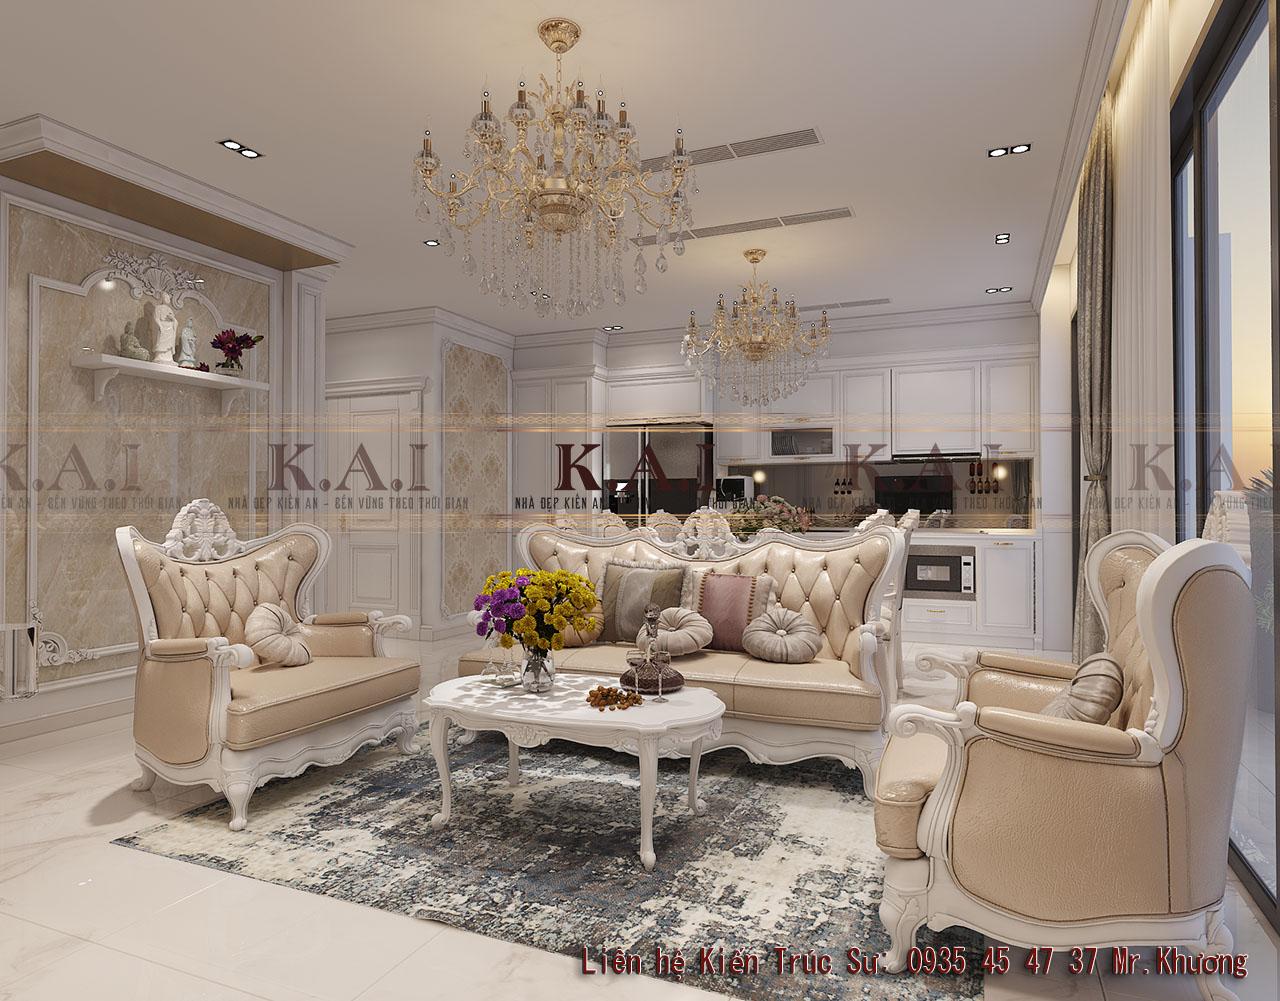 Thiết kế nội thất căn hộ luxury căn hộ Vinhome Bason Quận 1